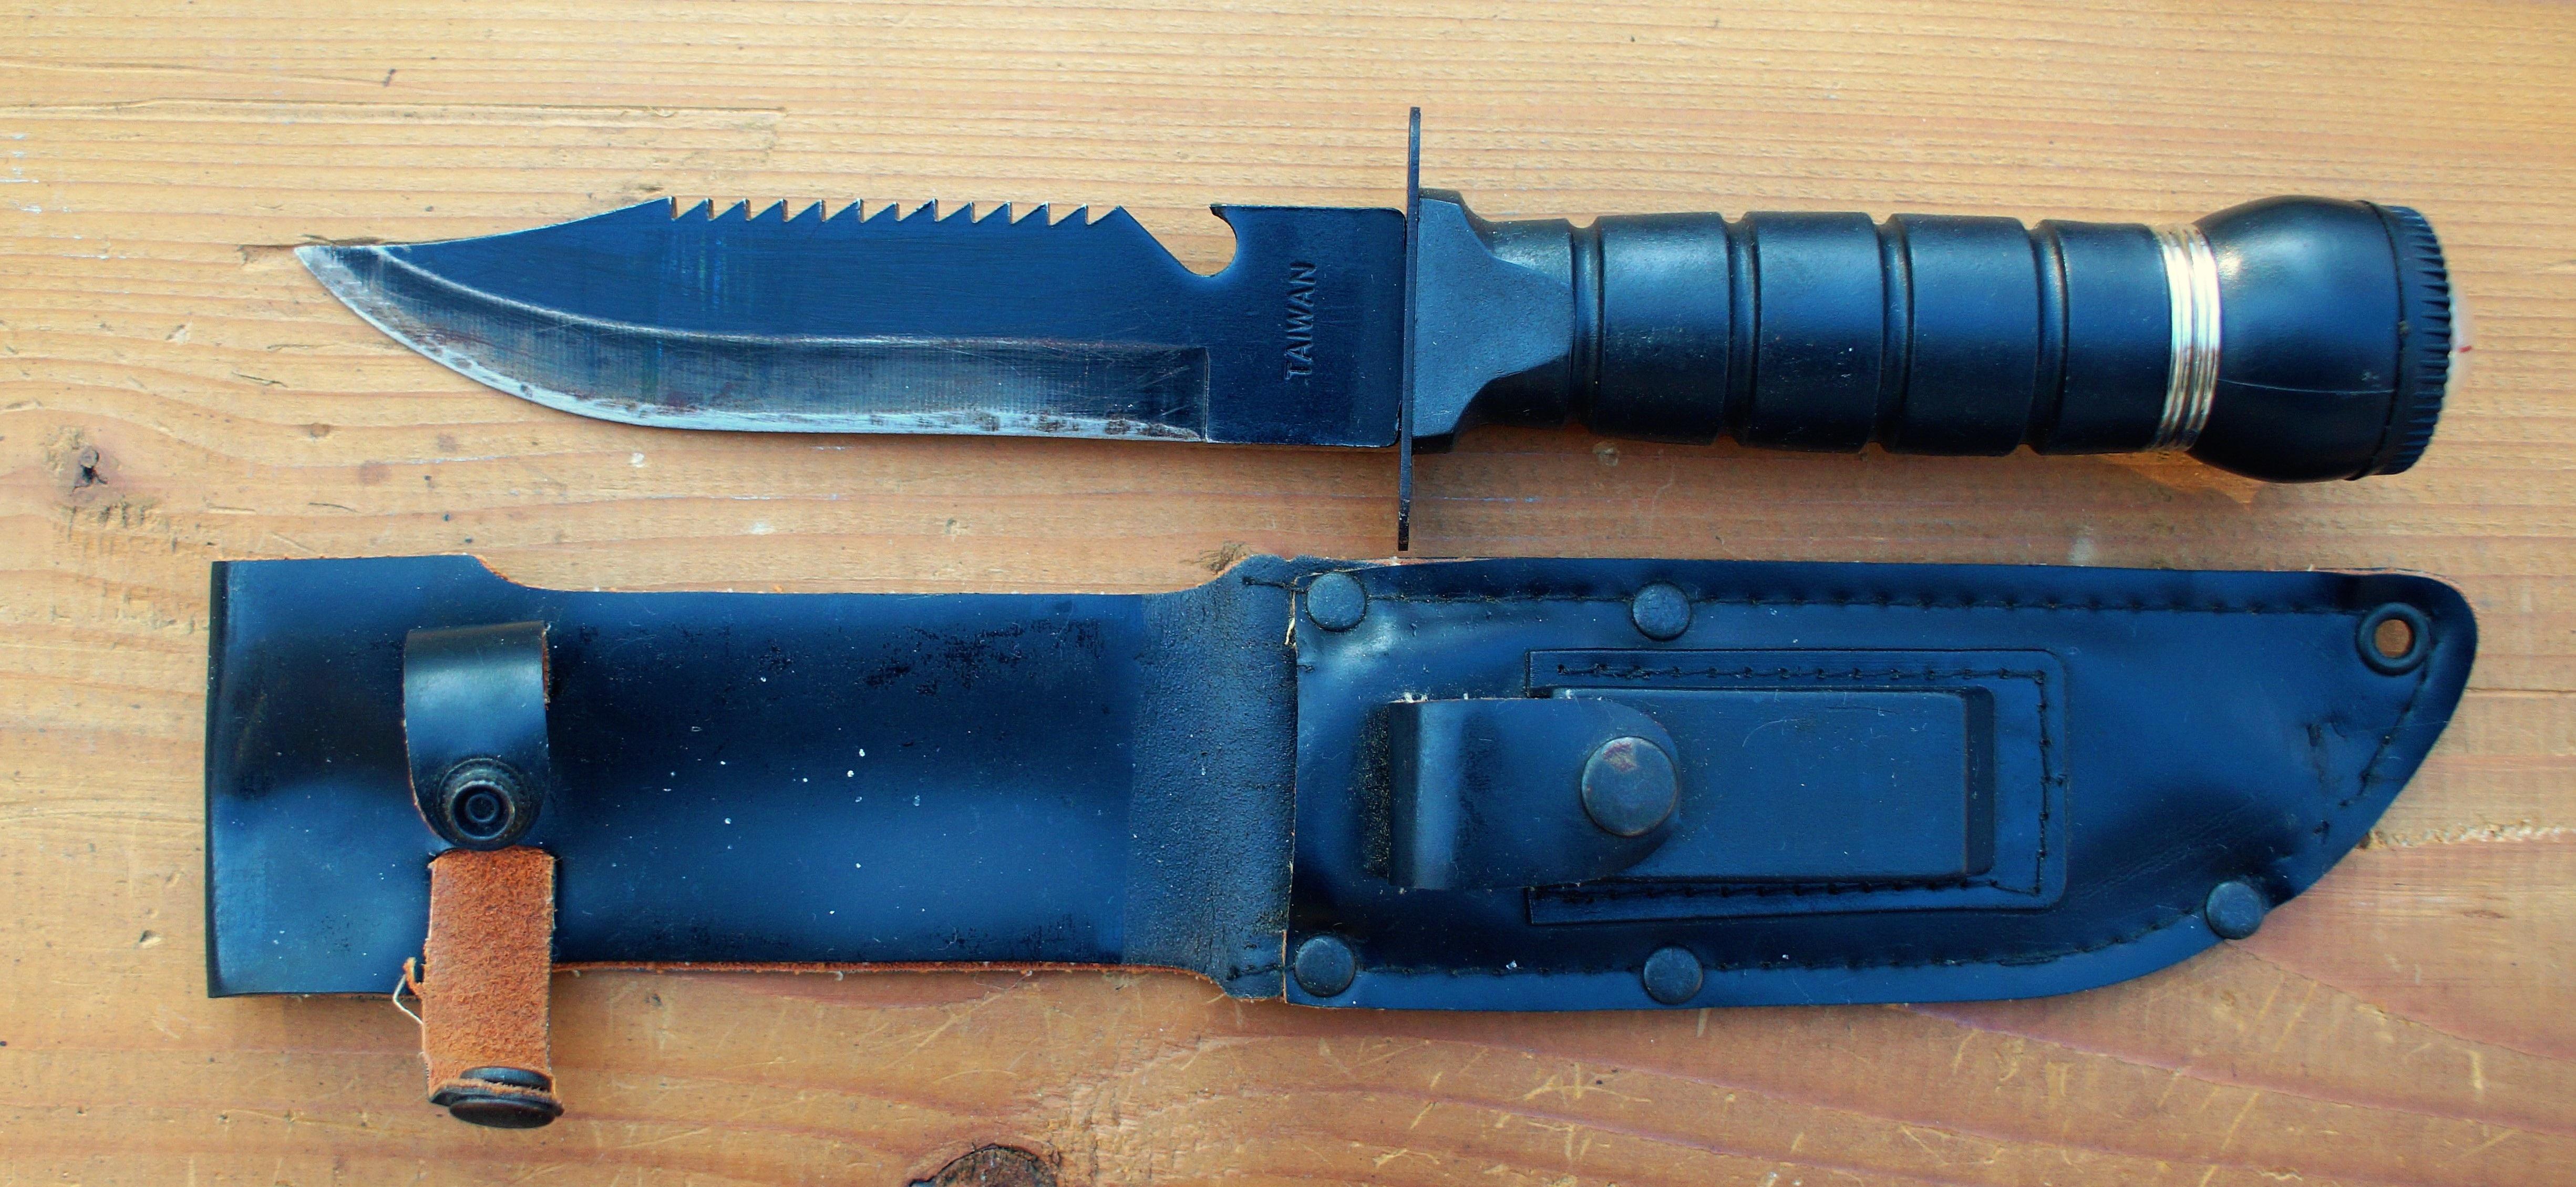 Kostenlose Foto Scharf Werkzeug Ausrustung Blau Camping Waffe